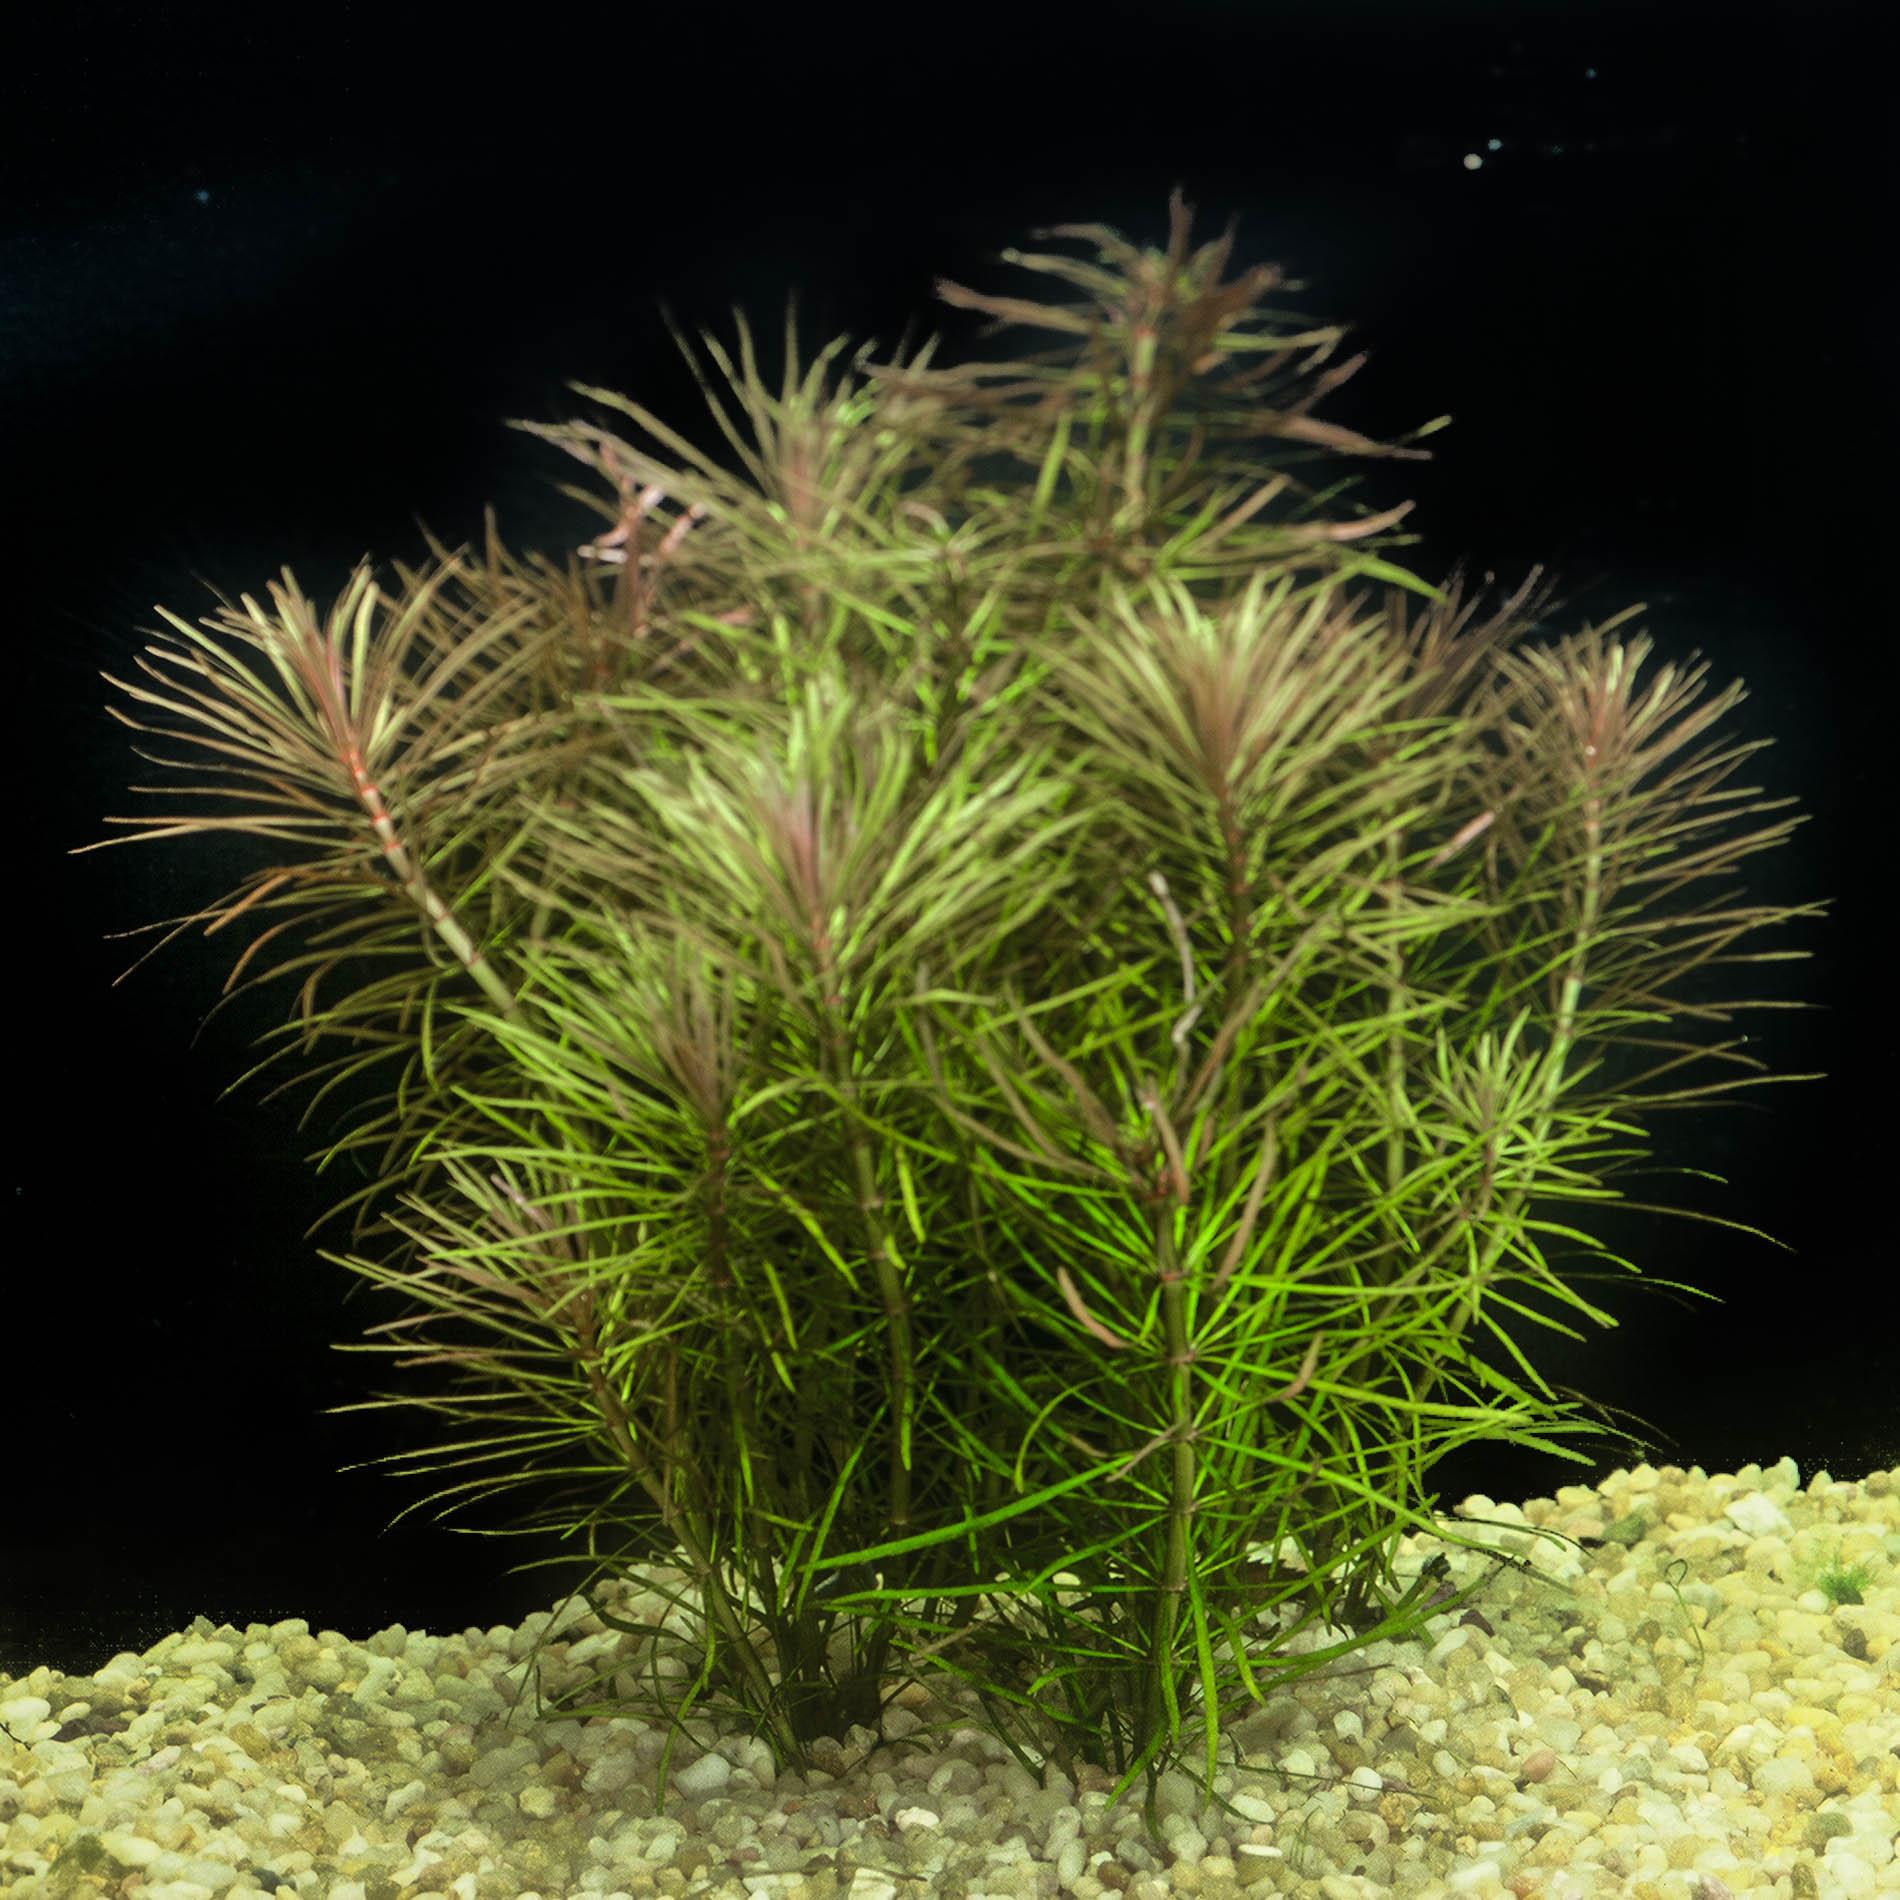 Pogostemon stellatus (Narrow leafed) -